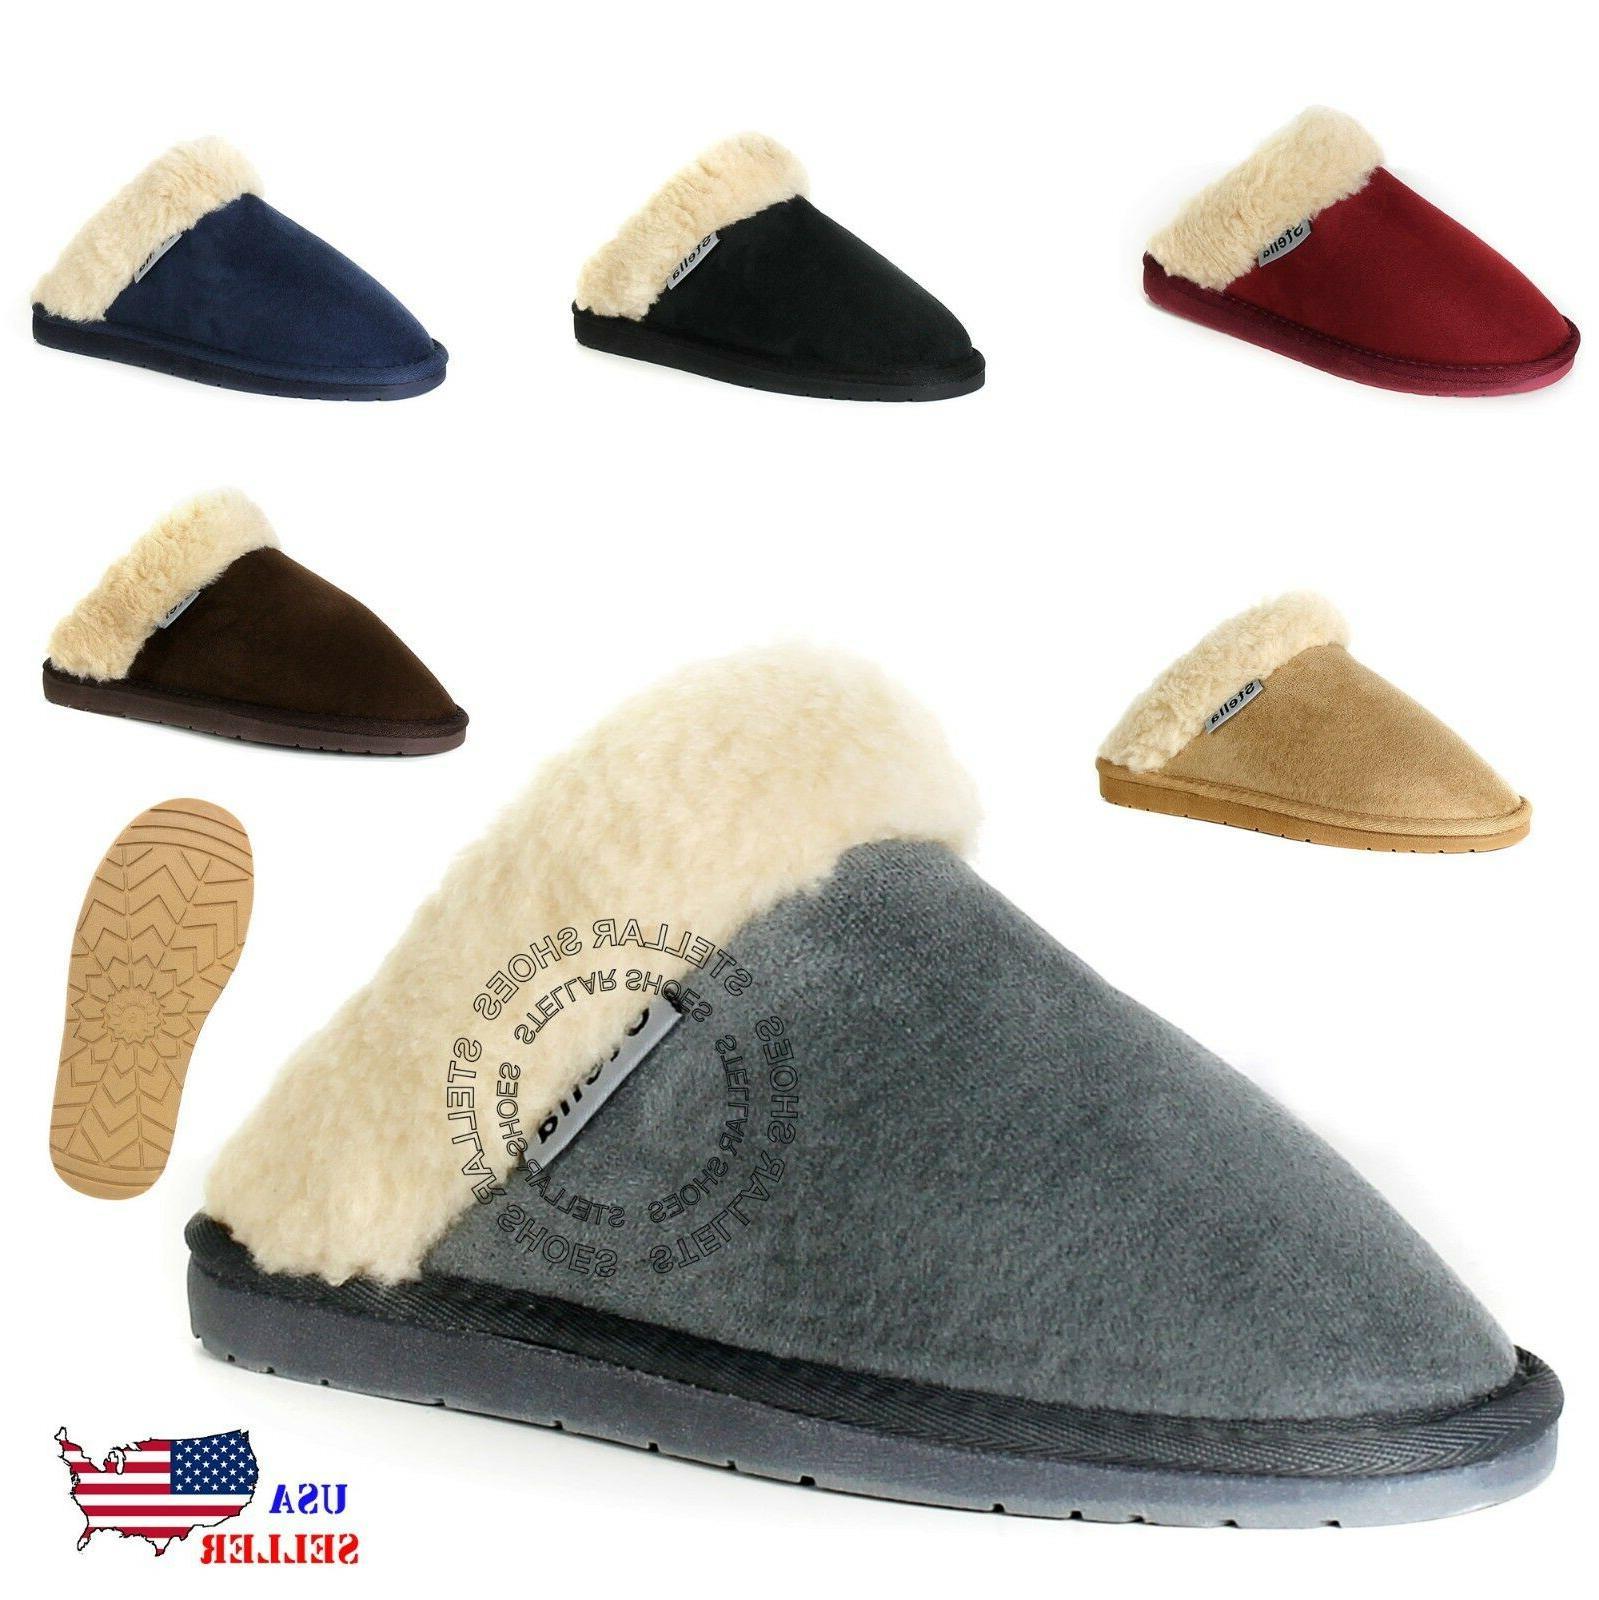 New Calf Warm Sheepskin Boots